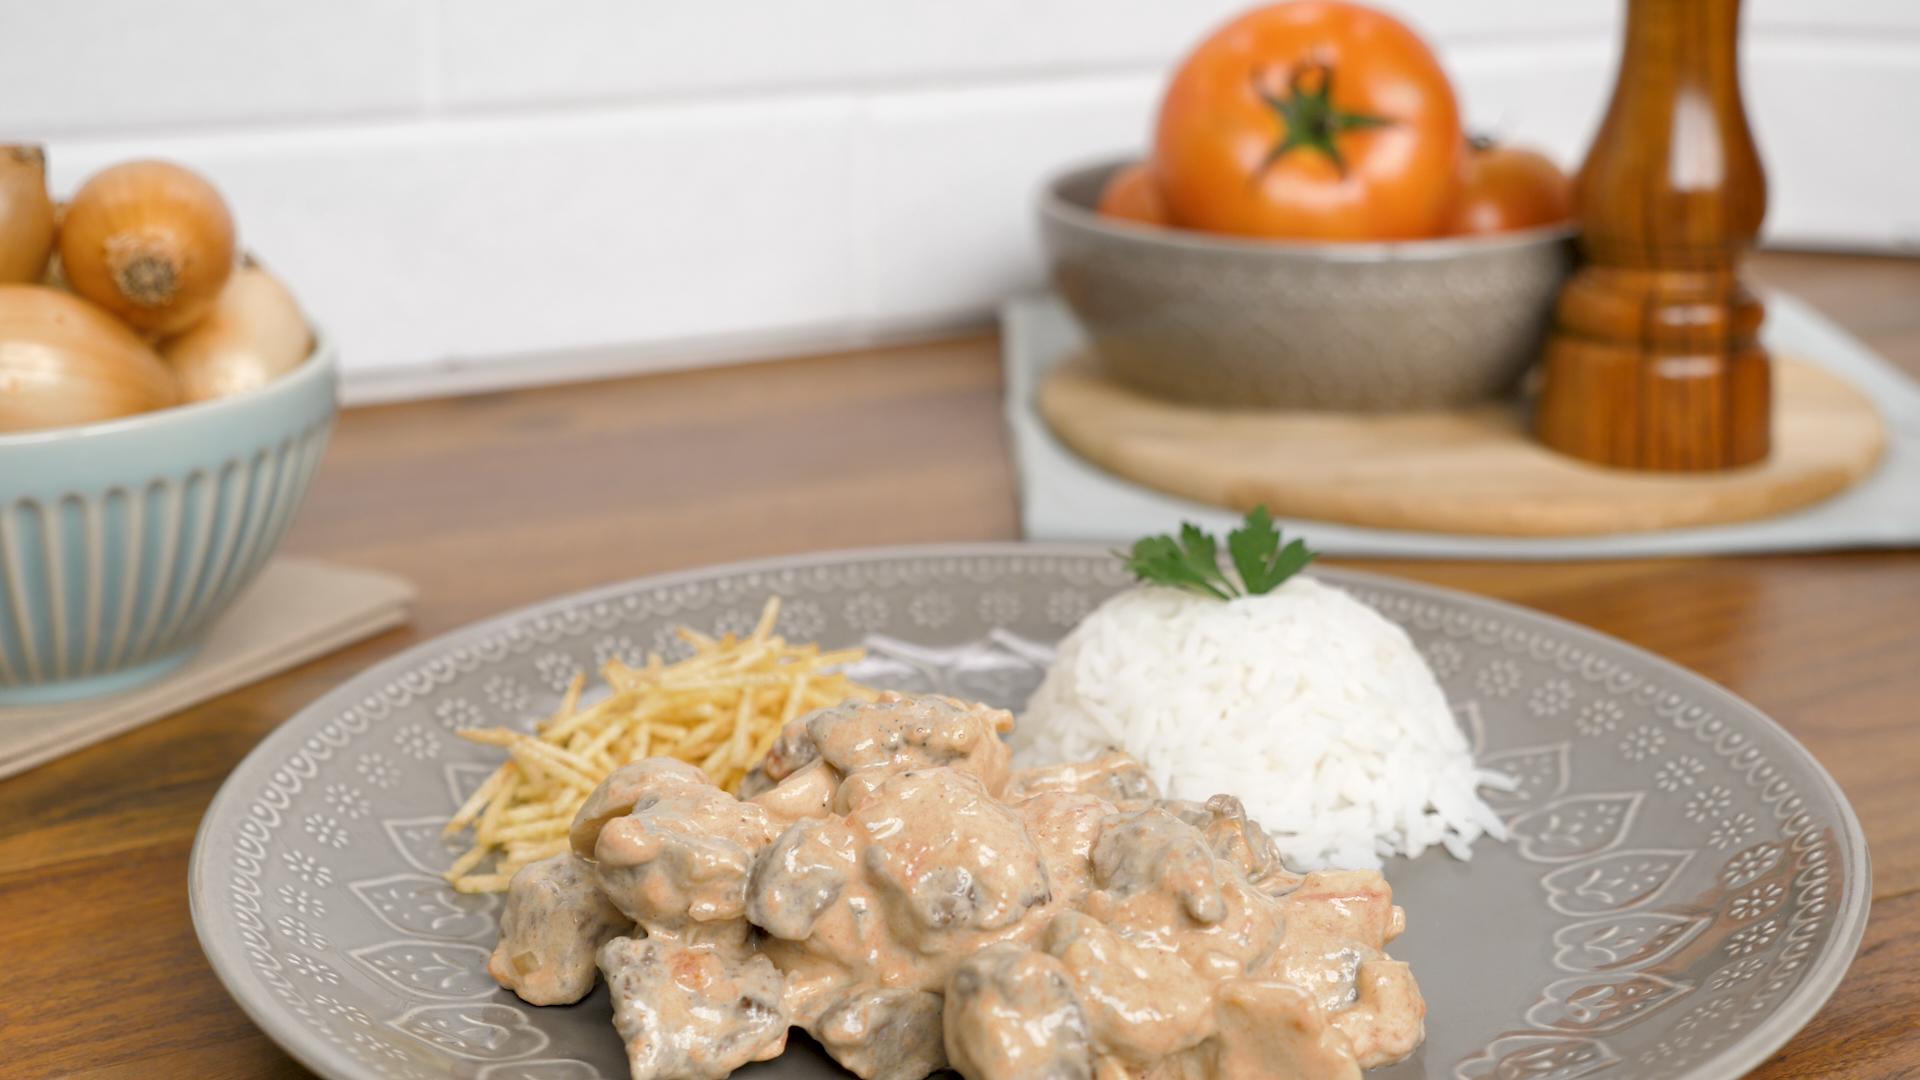 Imagem: Estrogonofe na pressao Aprenda a fazer 3 receitas práticas para um almoço rápido